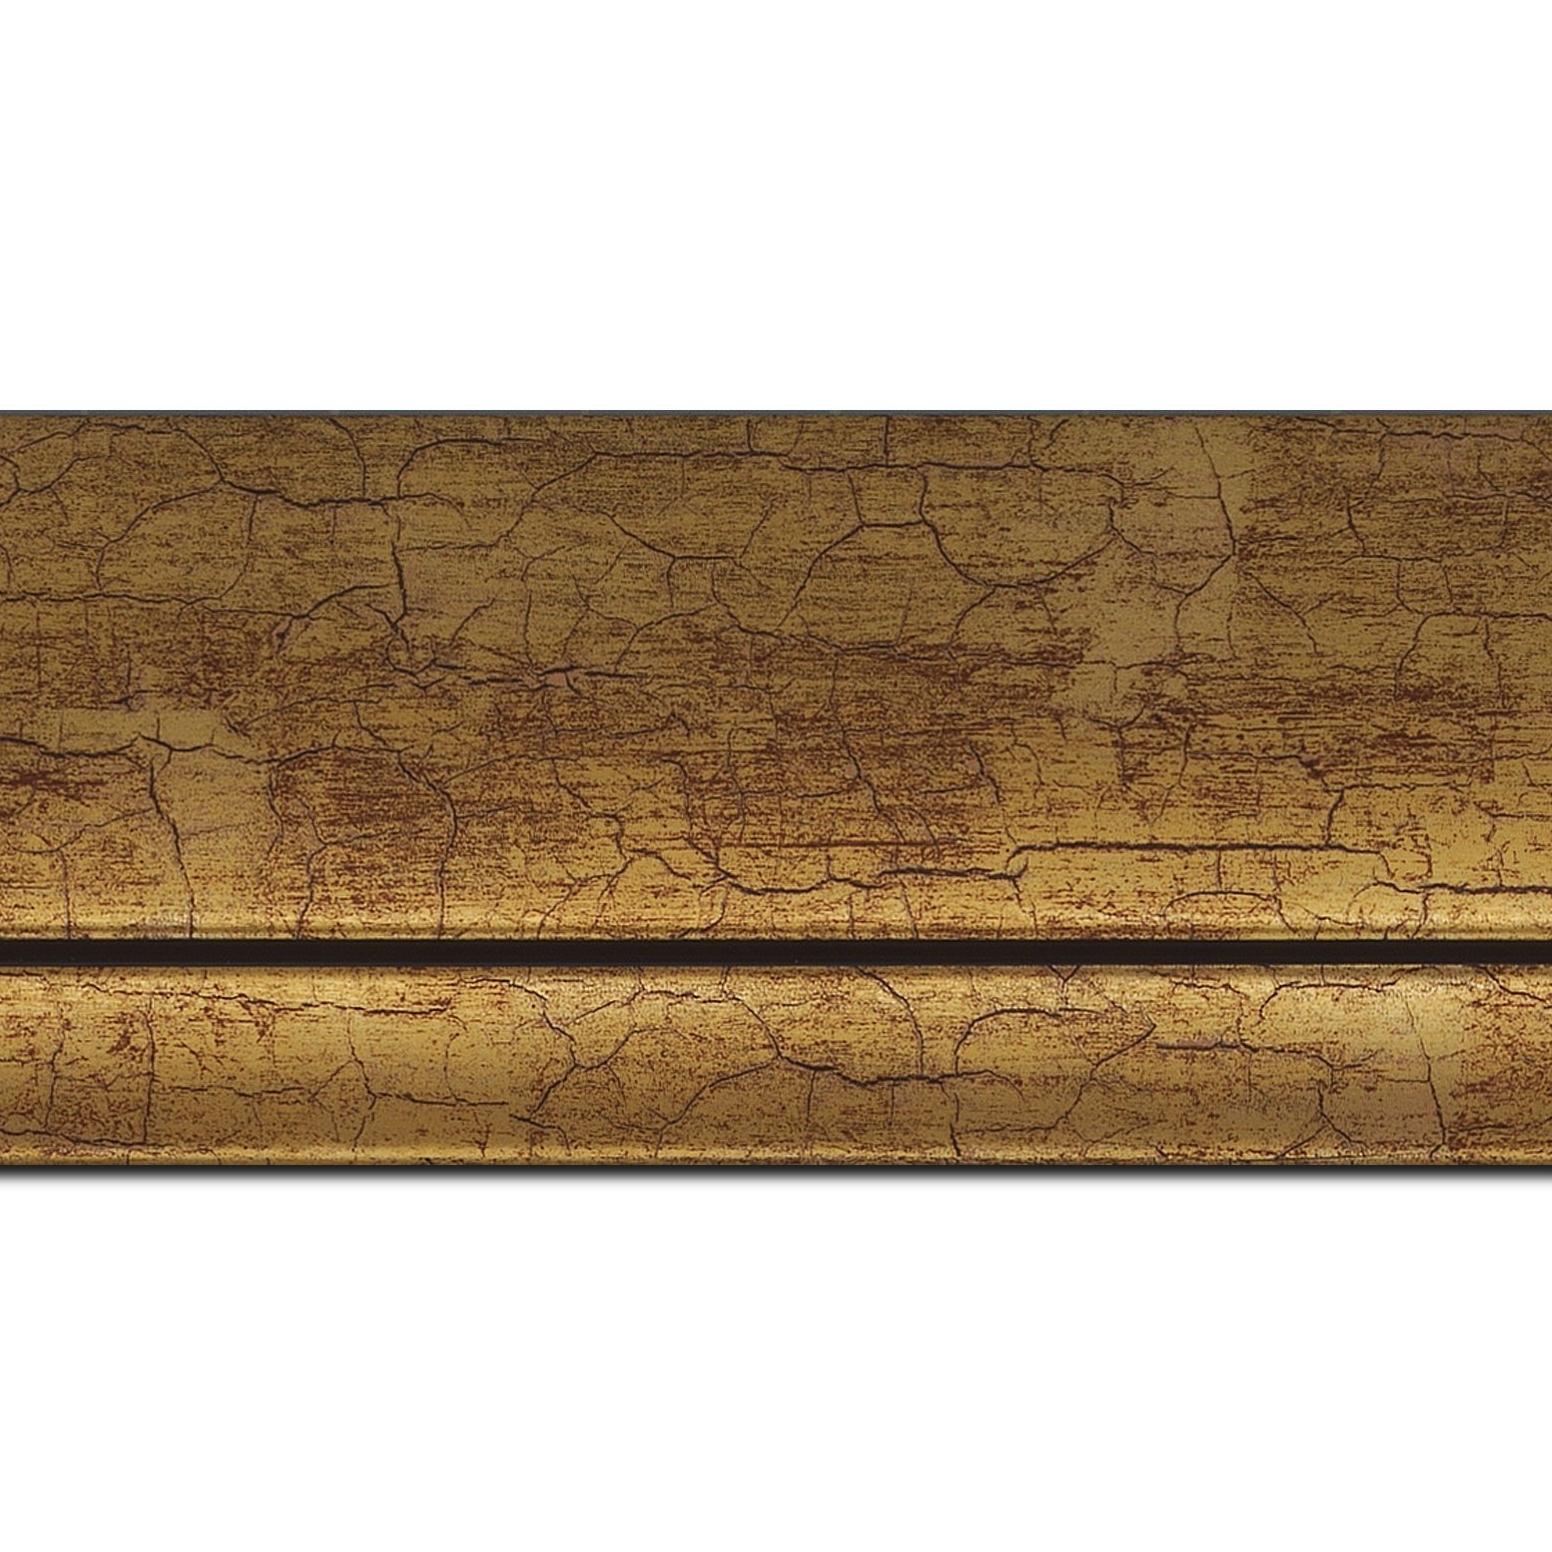 Baguette longueur 1.40m bois profil arrondi largeur 7.6cm or craquelé